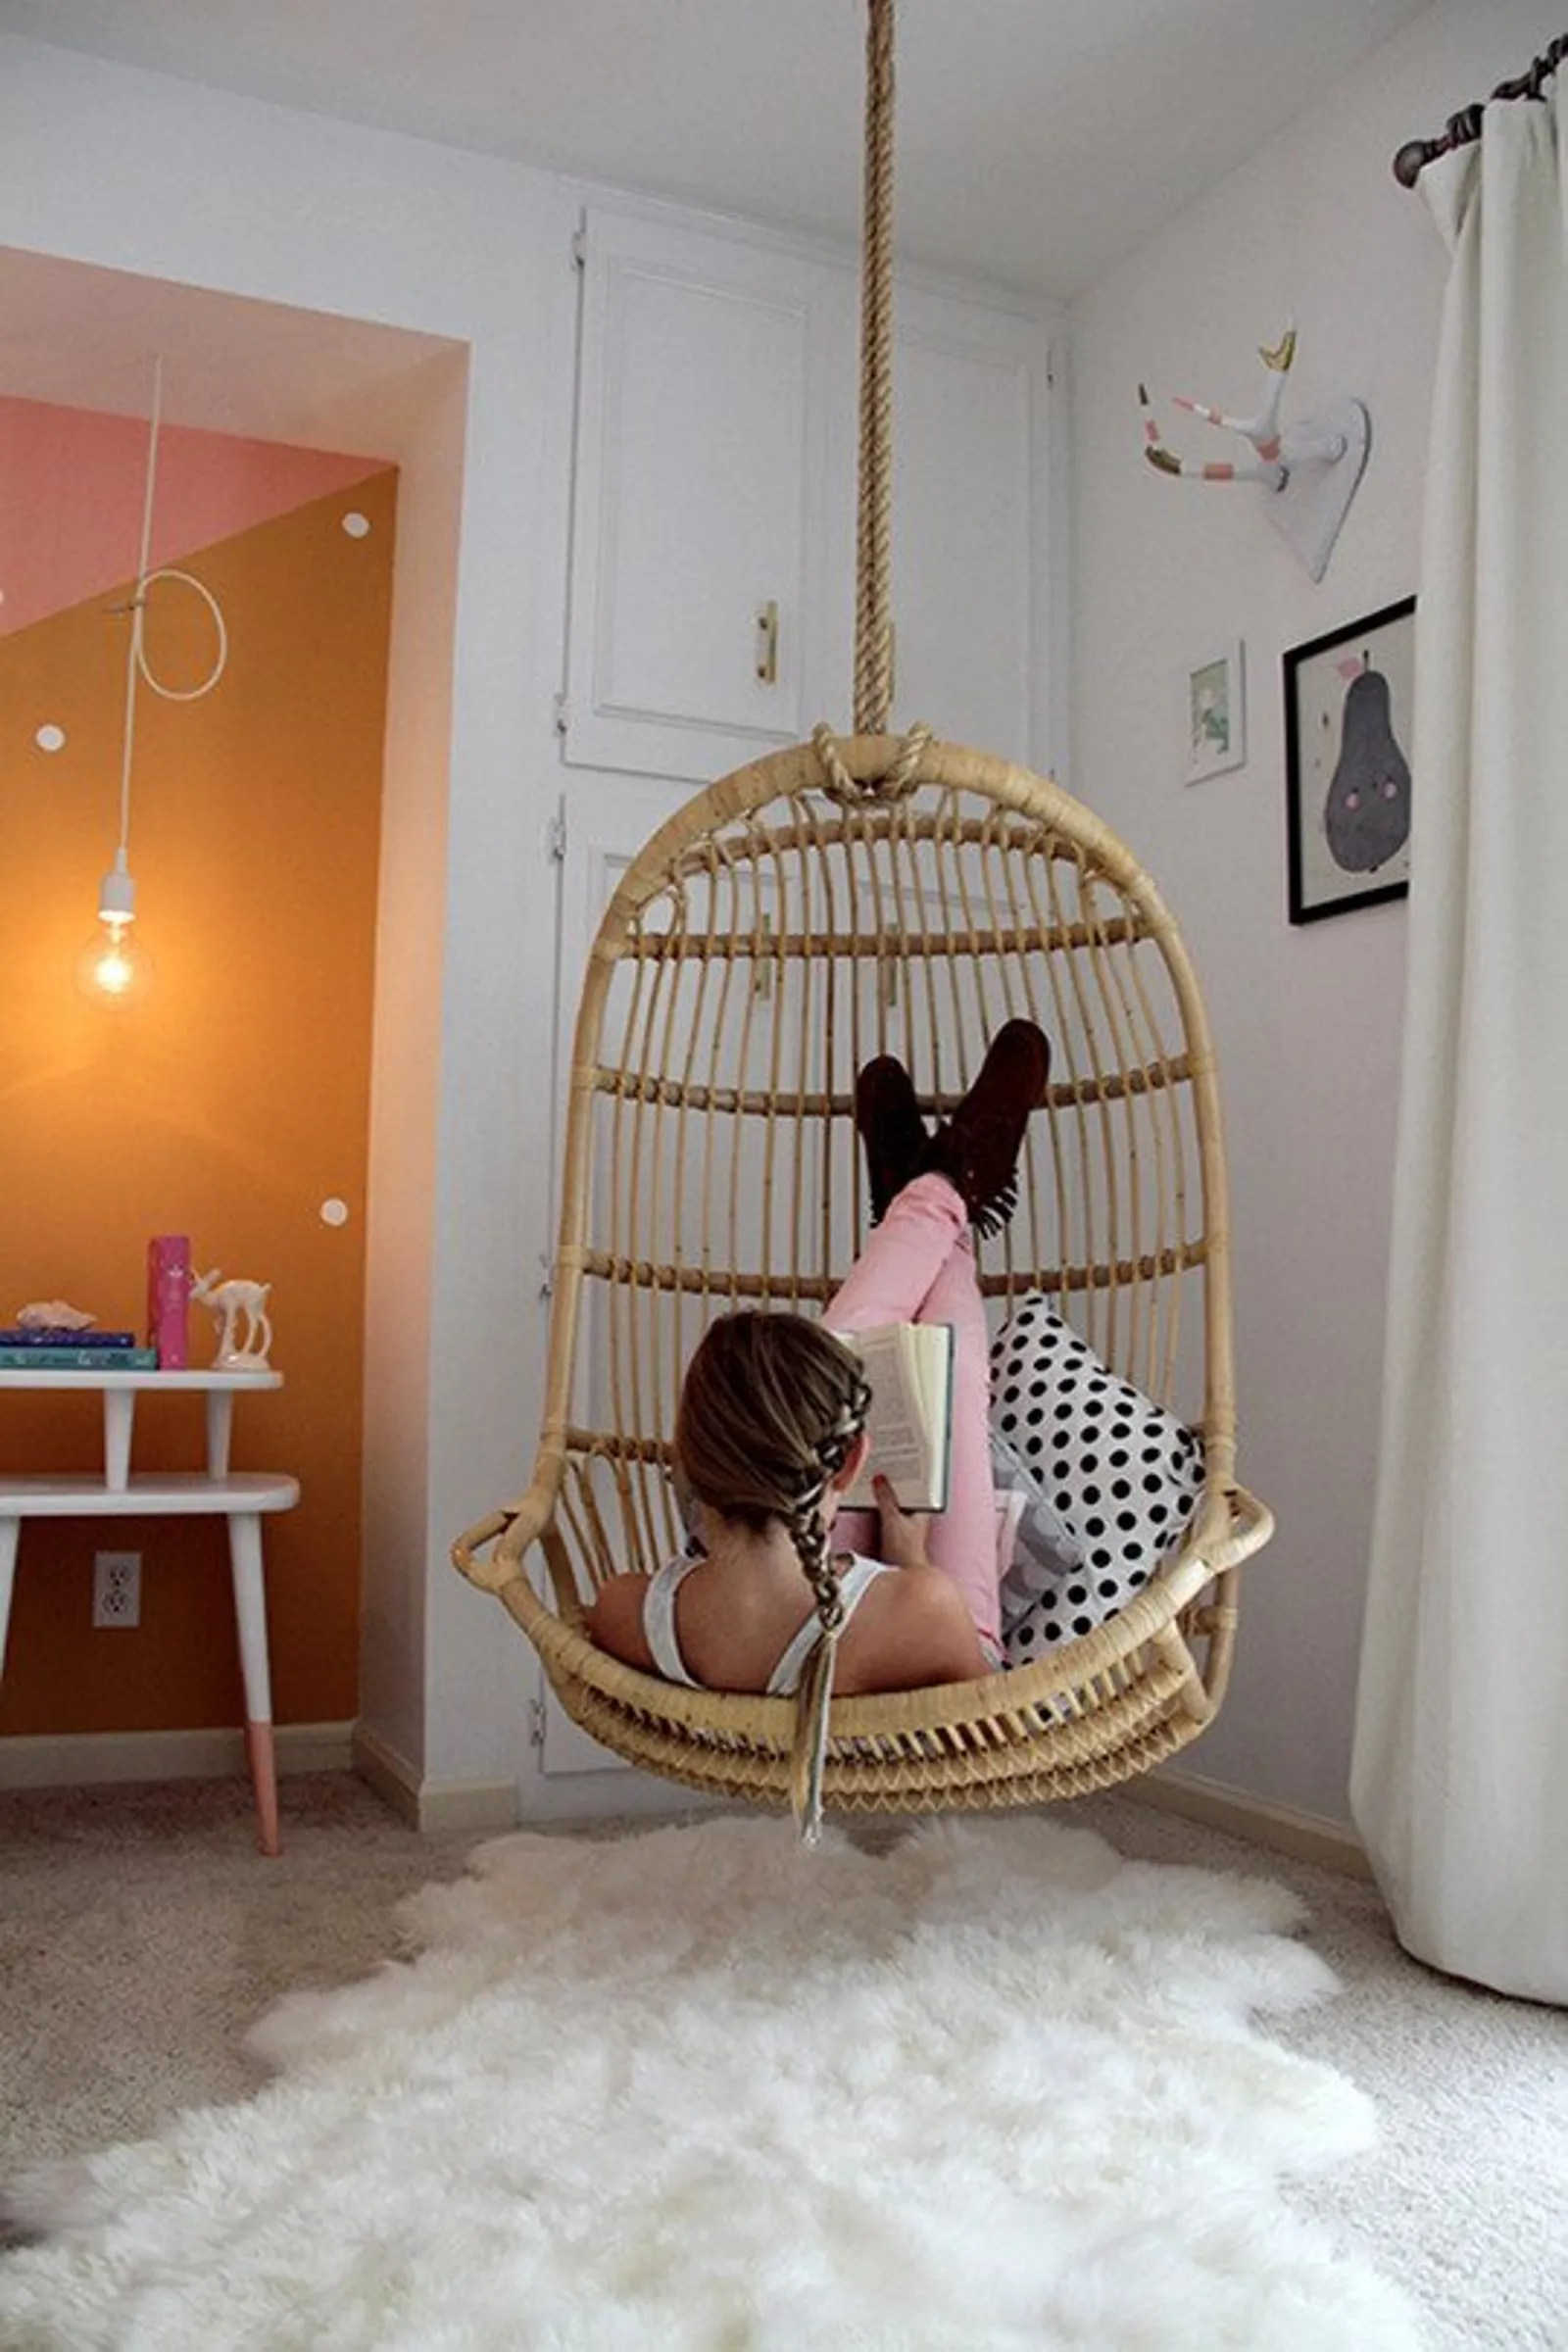 5 Stylish Teen Bedrooms - Teen Vogue on Teenroom  id=48781